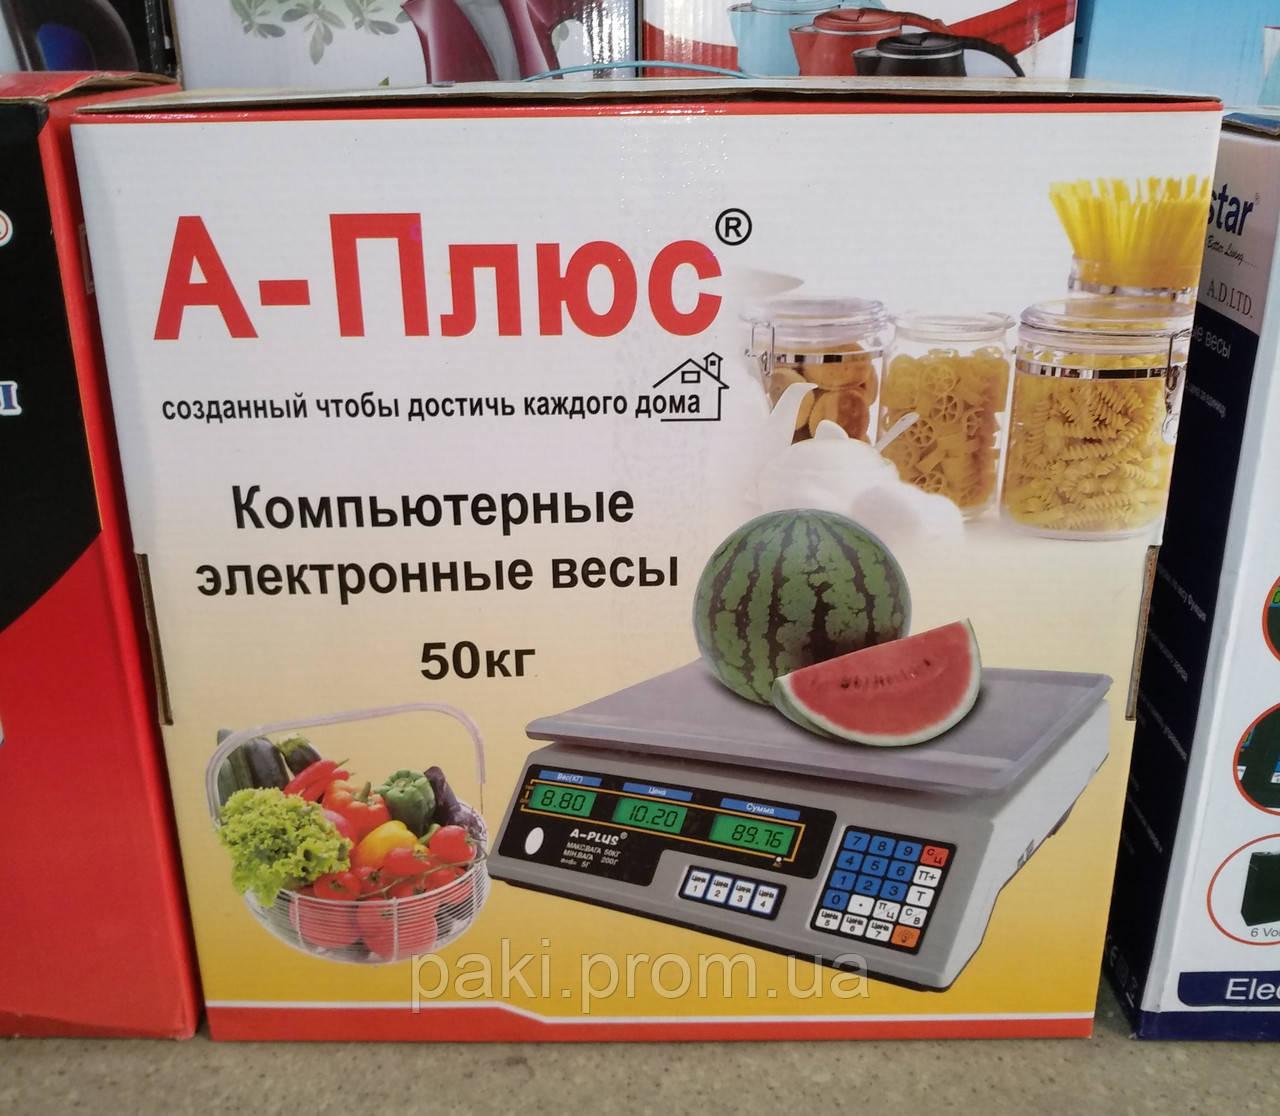 Ваги електронні торгові A-PLUS 1660 на 50 кг (лічильник ціни)